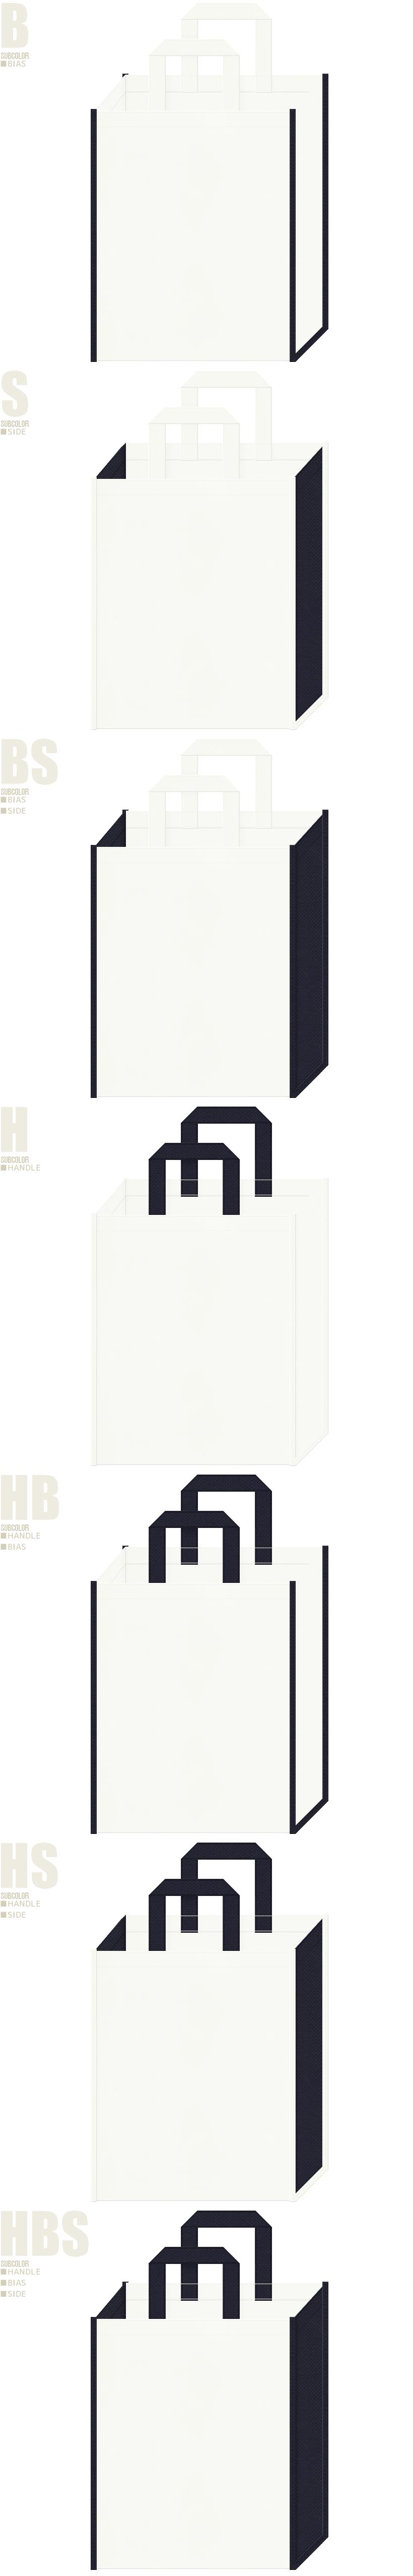 クルーザー・ボート・ヨット・マリンスポーツ用品の展示会用バッグにお奨めです。オフホワイト色と濃紺色の不織布バッグ配色7パターンのデザイン。